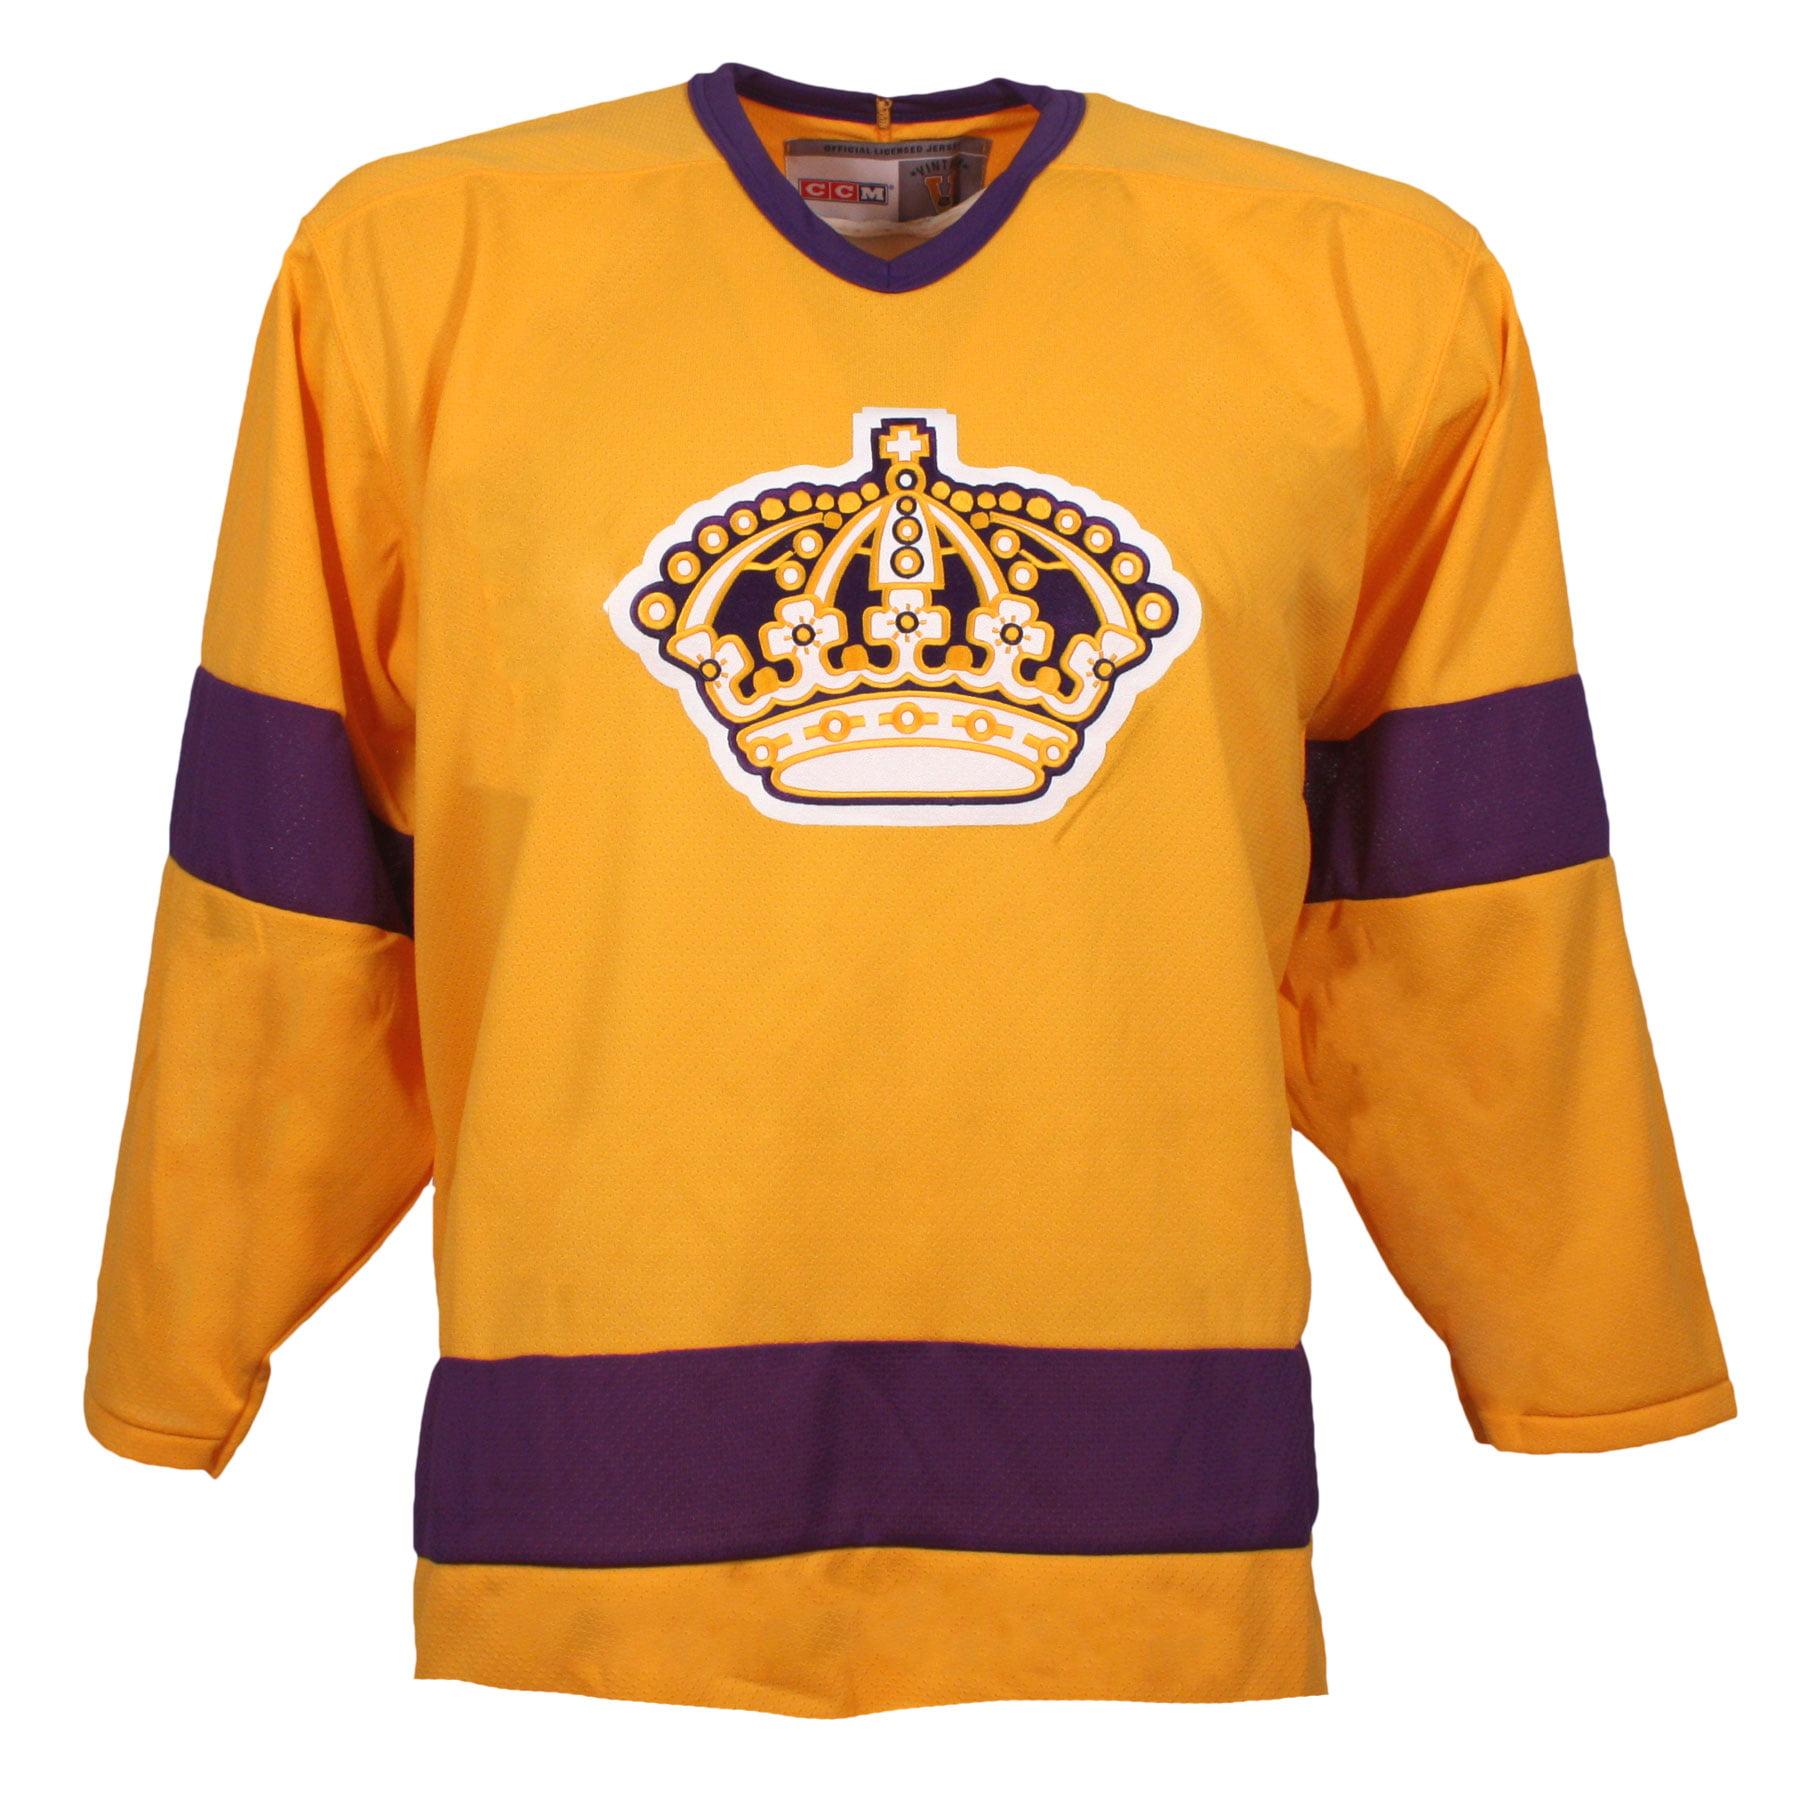 c53ef87d Achat la kings yellow jersey - 62% OFF! - www.joyet-traiteur.com